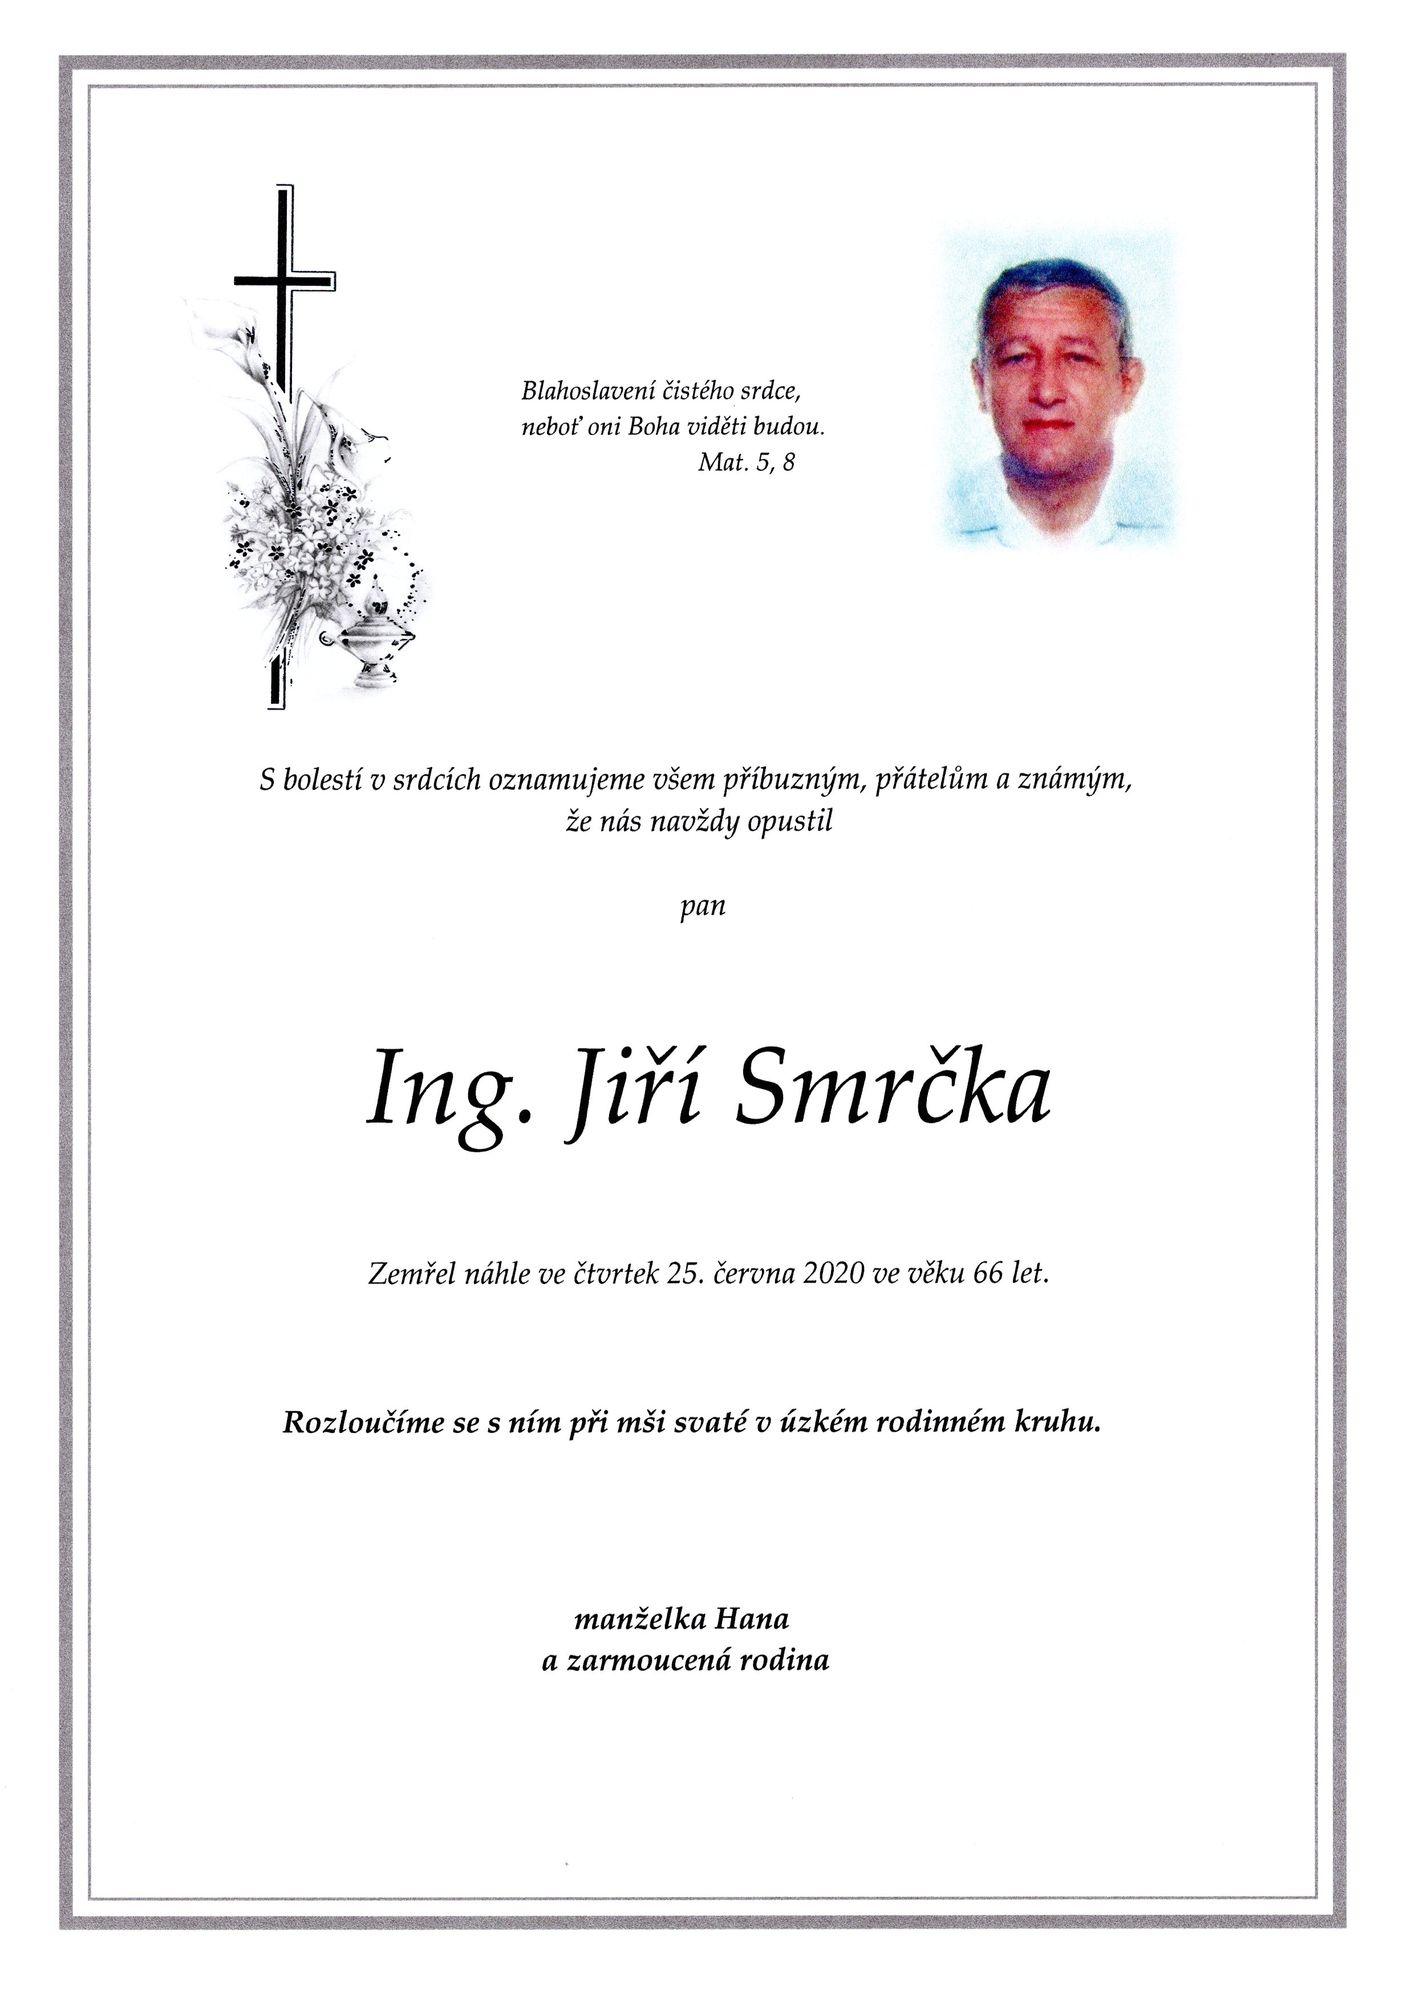 Ing. Jiří Smrčka